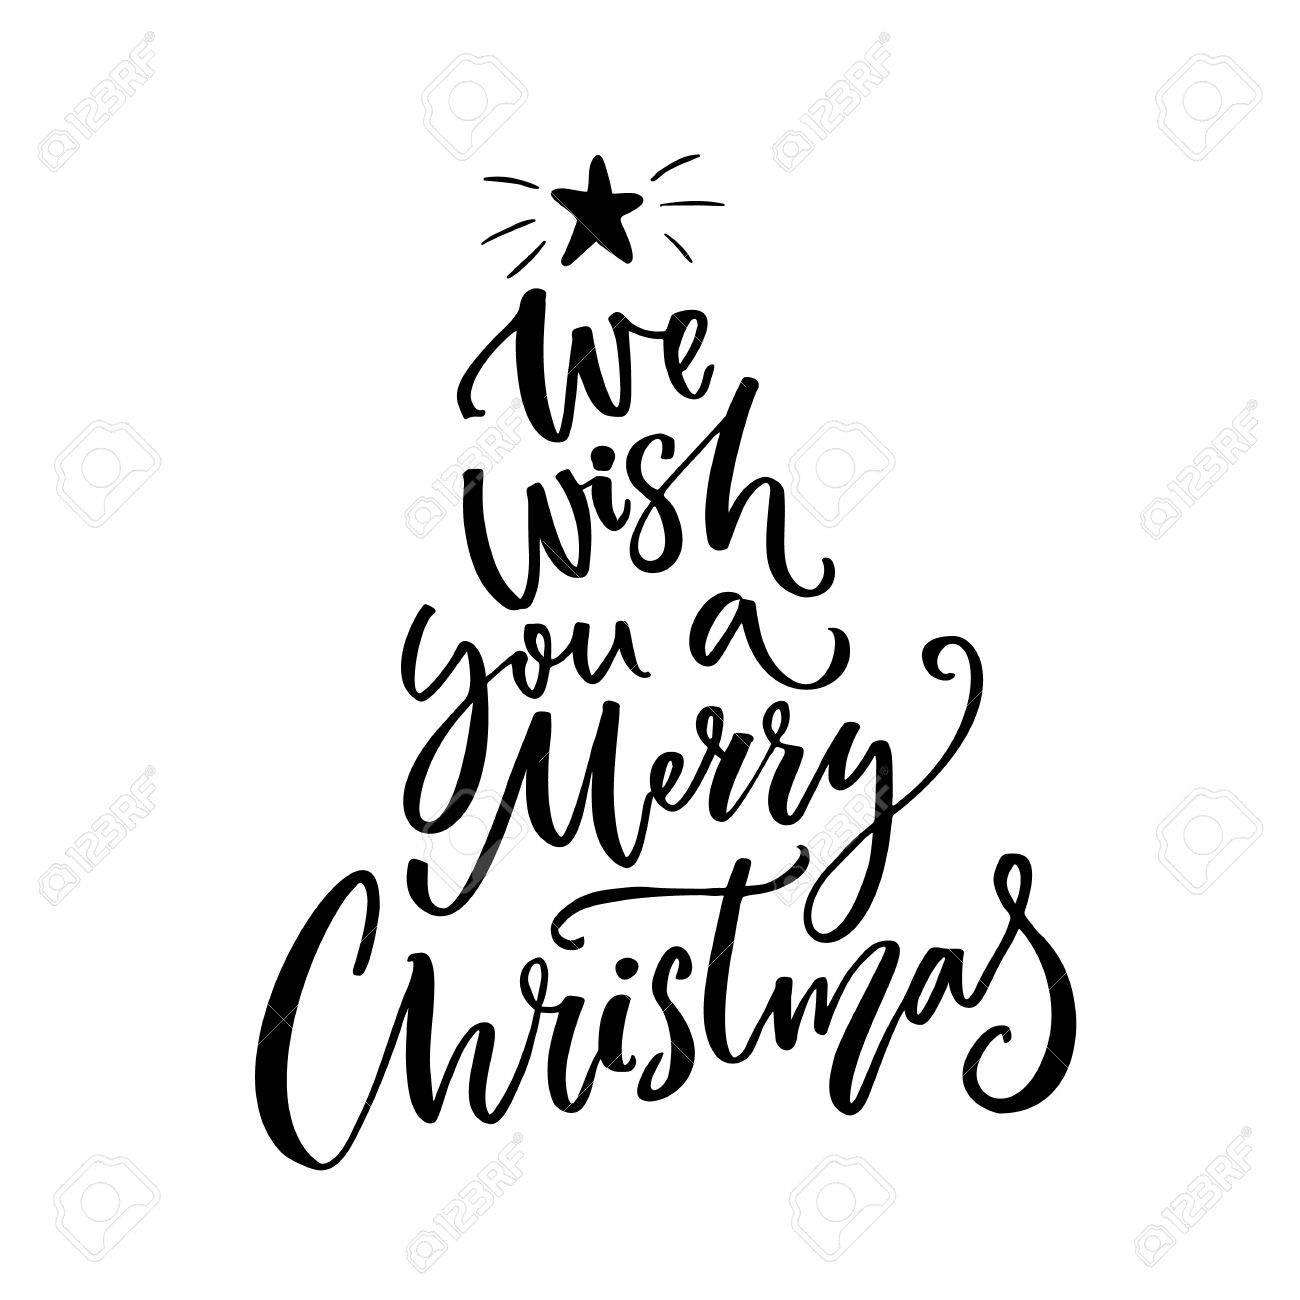 Wir Wünschen Ihnen Eine Frohe Weihnachten Typografie. Grußkarten ...